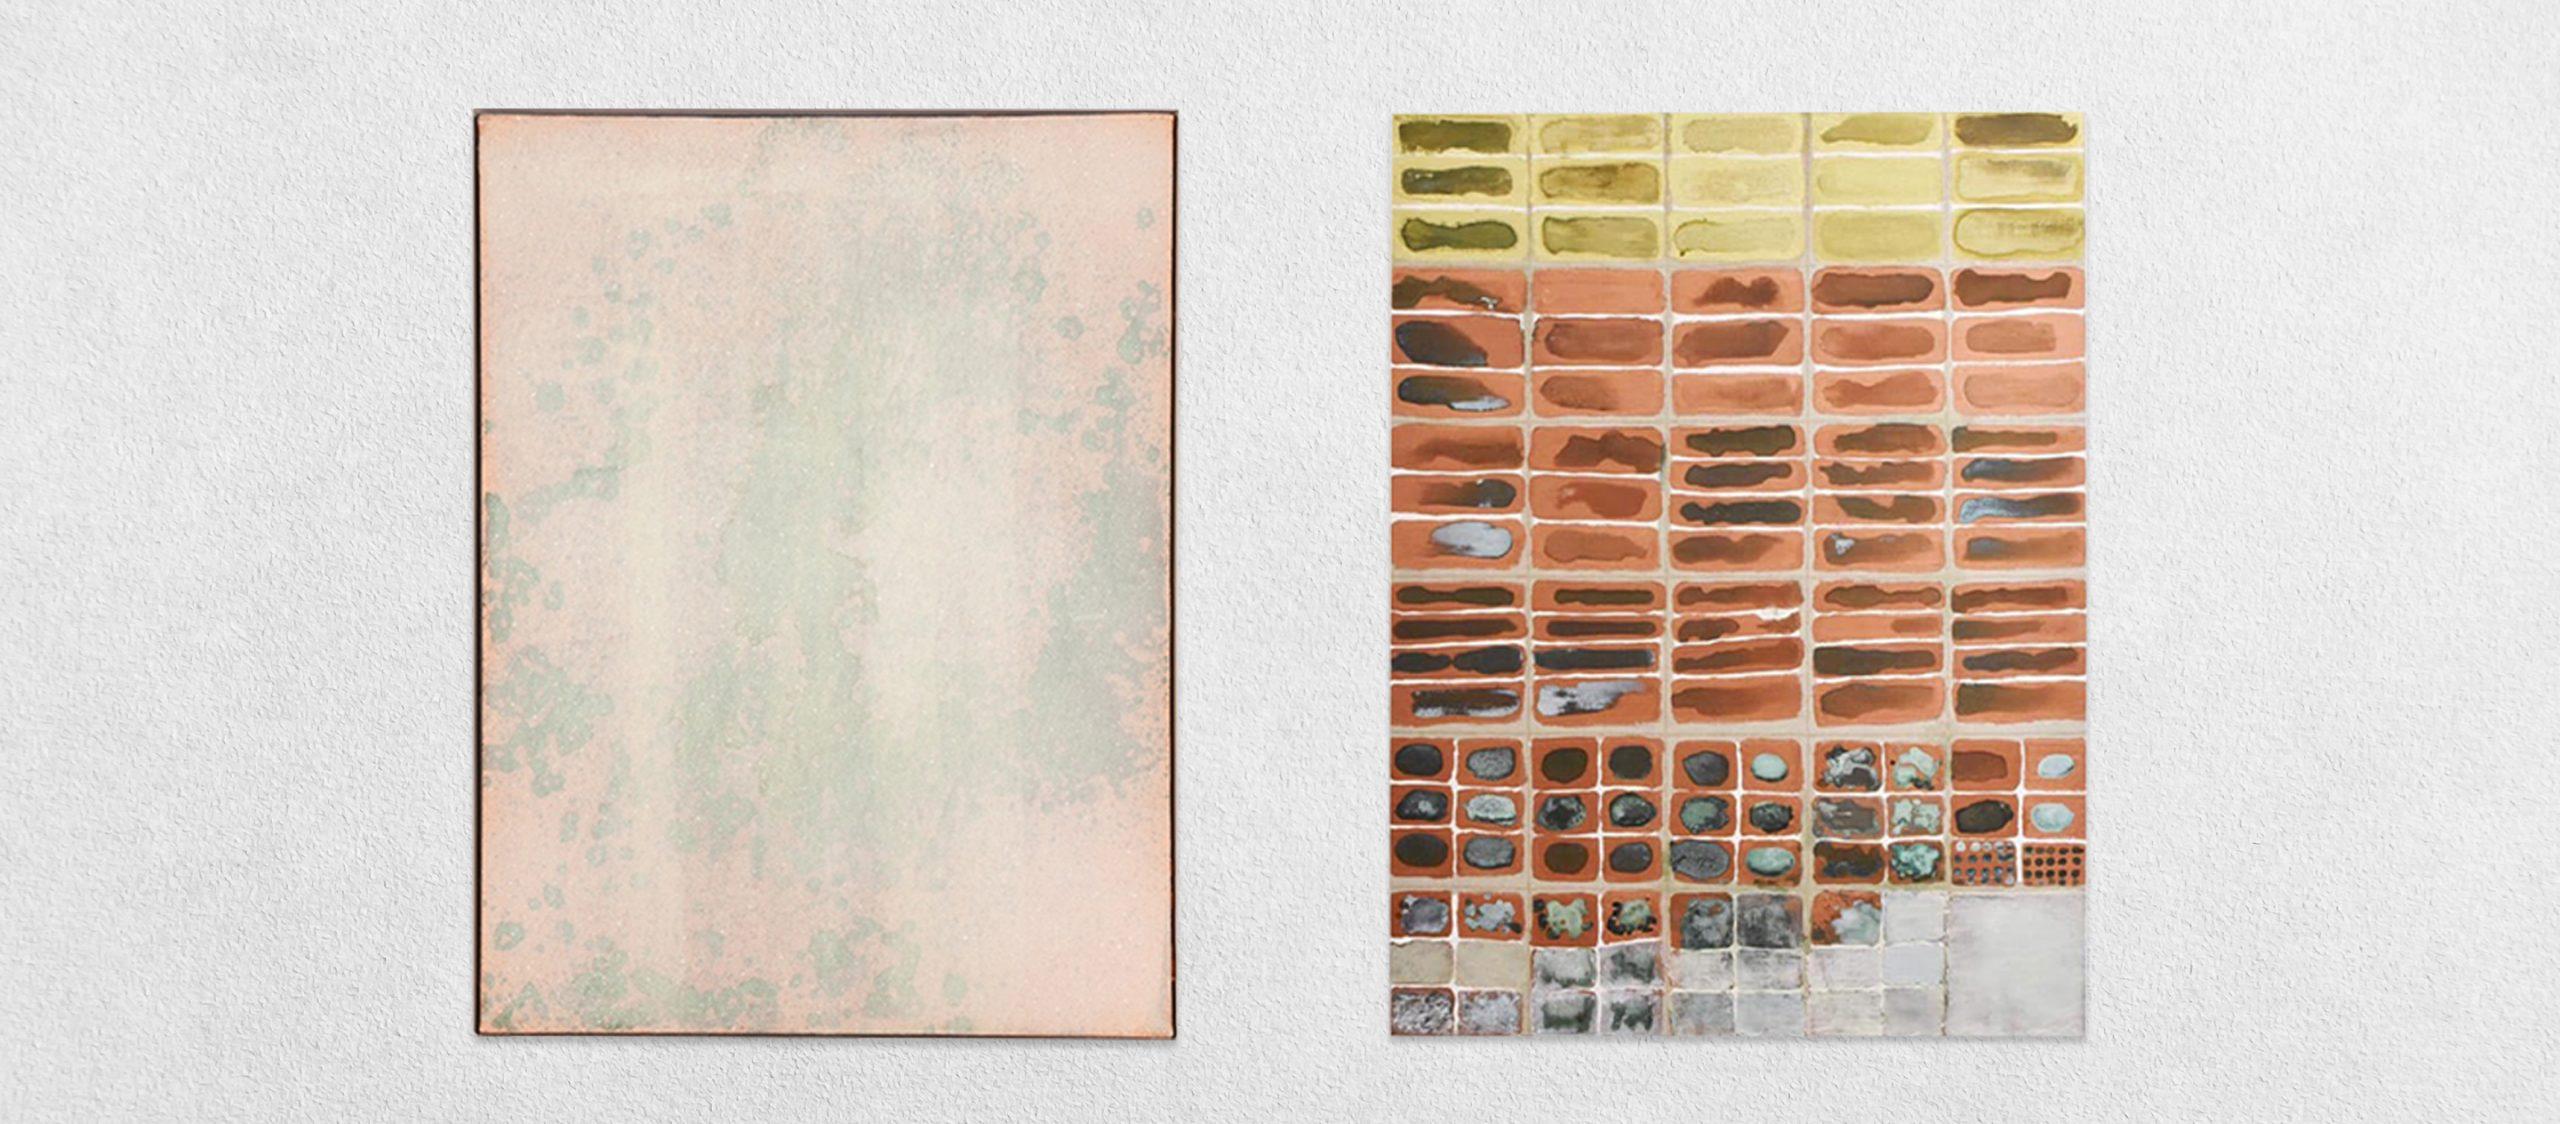 Sumiko Iwaoka ศิลปินญี่ปุ่นผู้อยากรู้ว่า Andy Warhol กินอะไรก่อนเอา 'ปัสสาวะ' มาเพนต์งาน